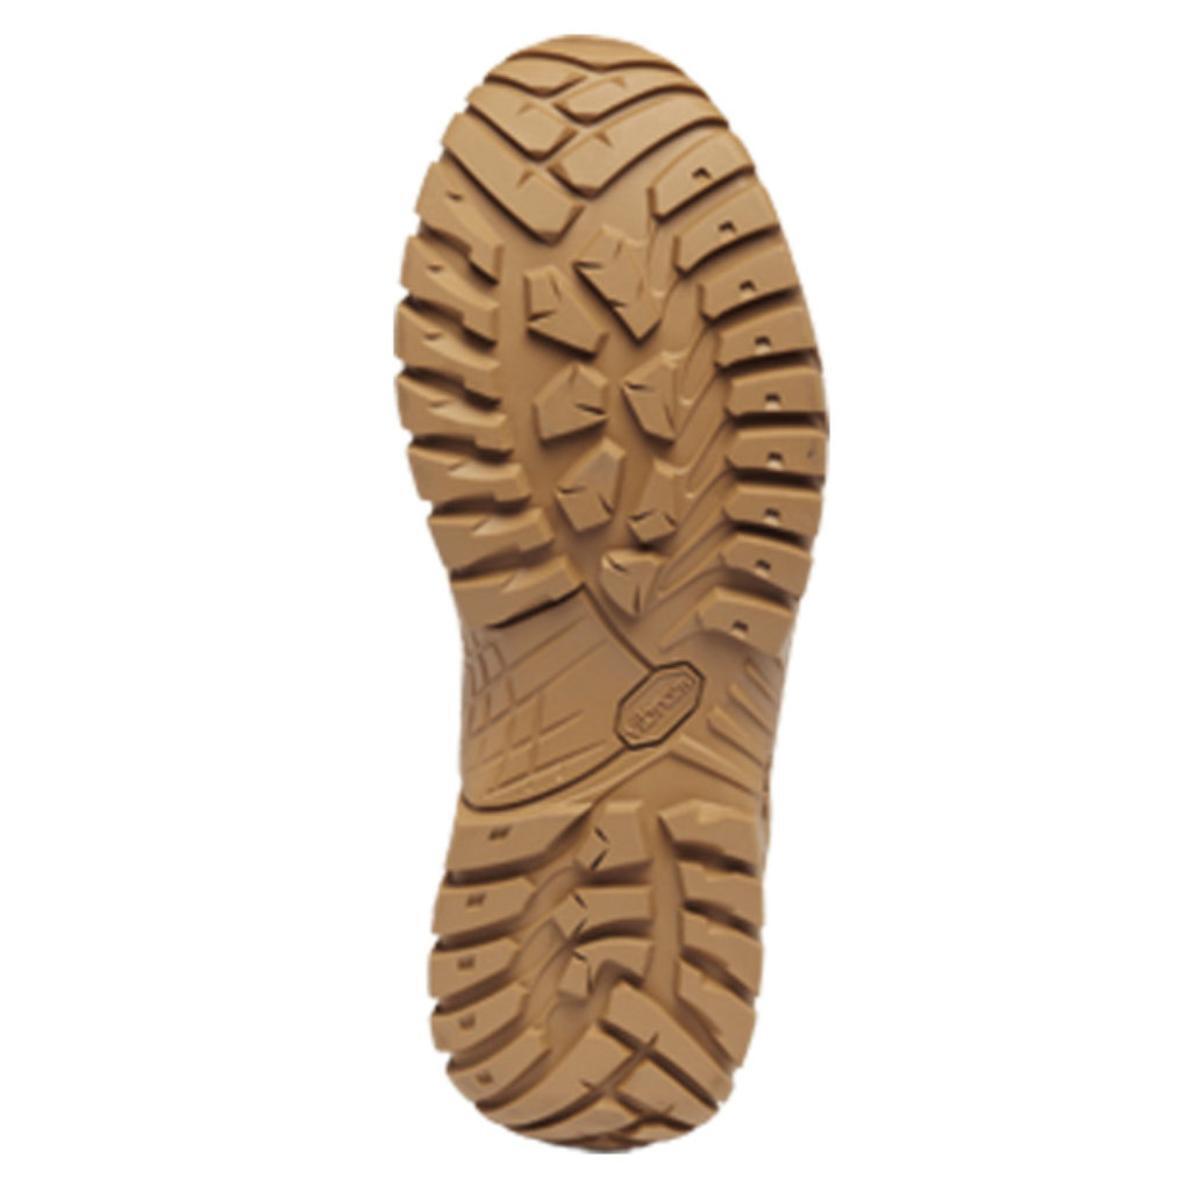 Belleville 775ST Steel Sole Toe Gore-Tex Boots Vibram Sole Steel Desert Tan NEW Size 5.5 W 6a7817